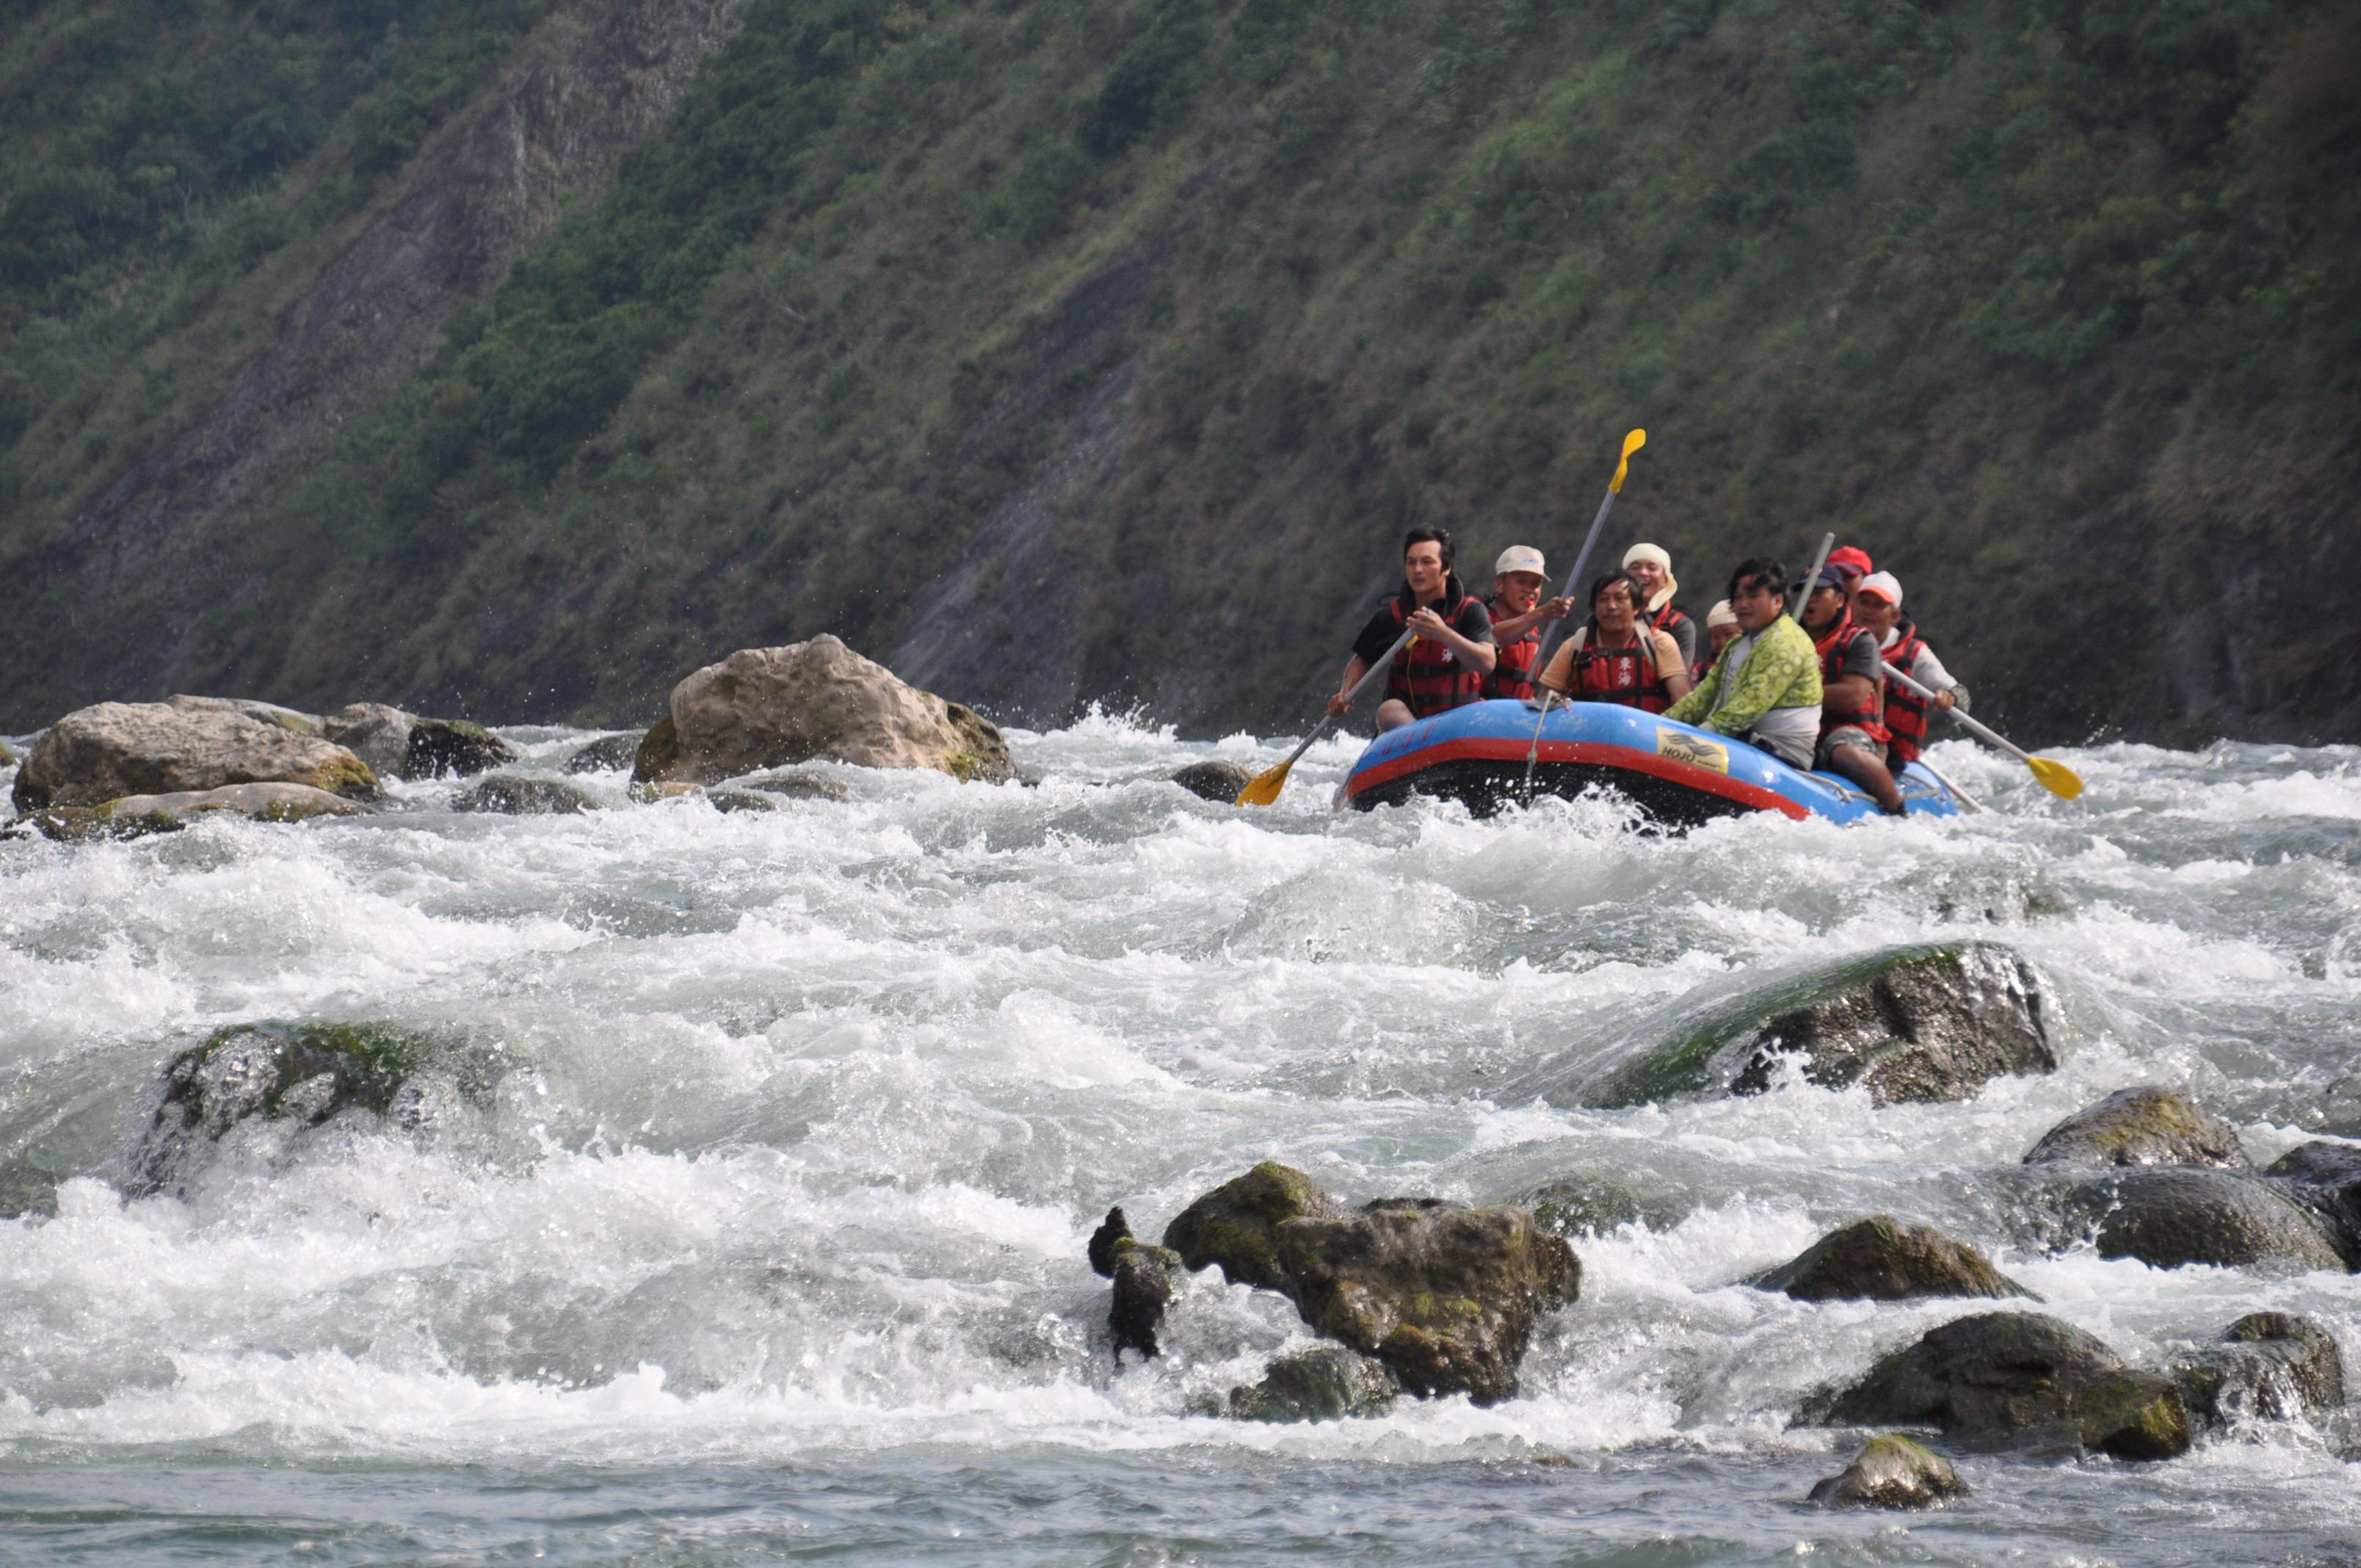 .瑞穗秀姑巒溪泛舟旅遊指南-2 - U-CAR討論區